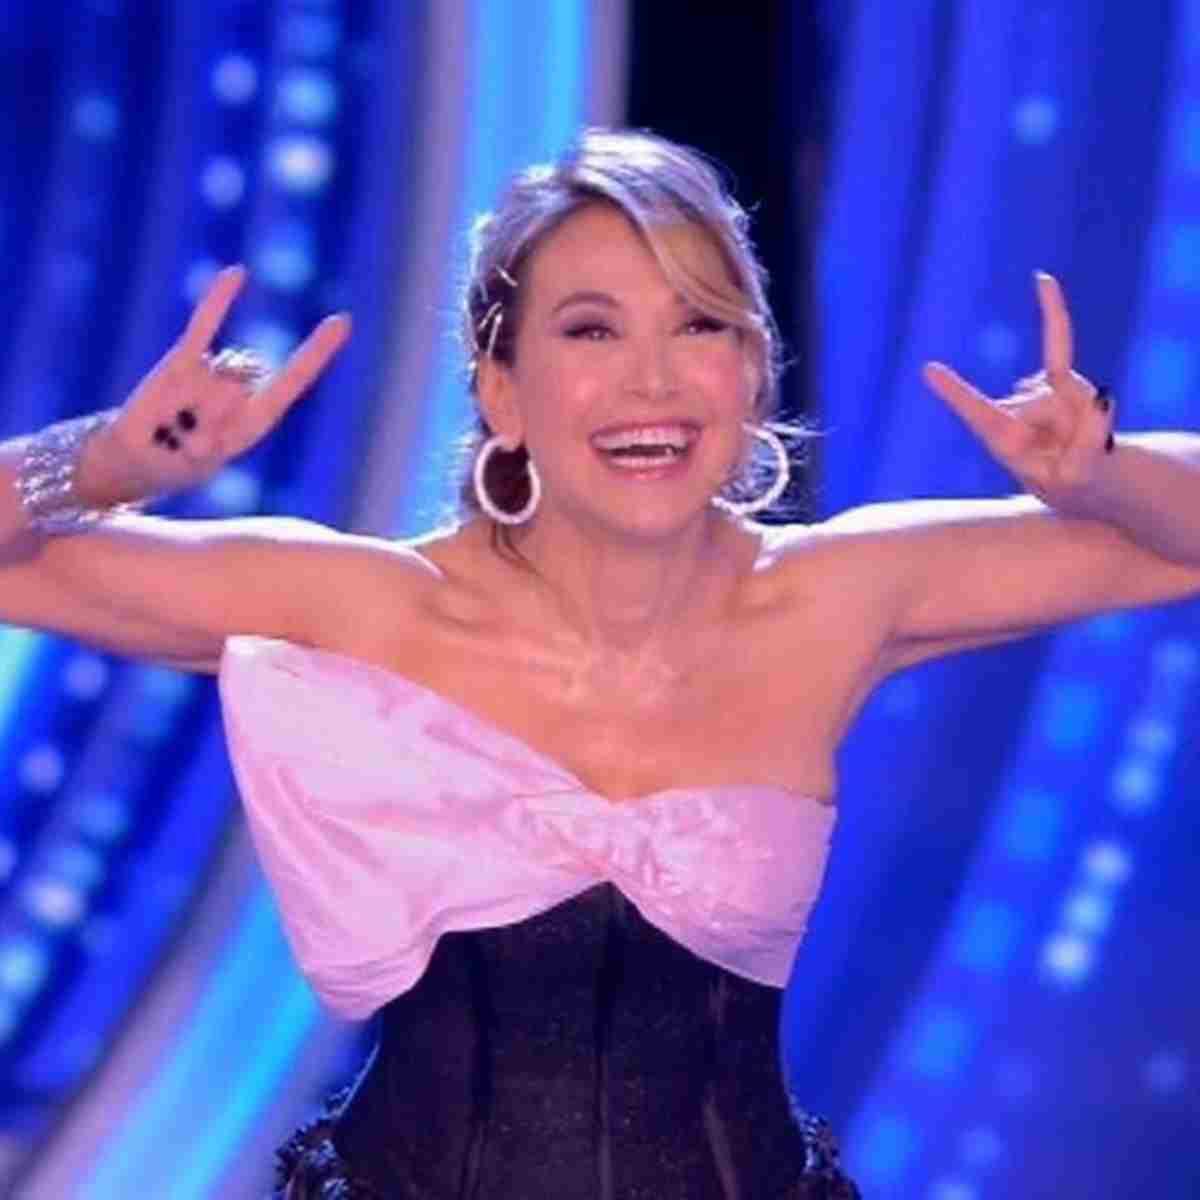 Ascolti tv lunedì 8 aprile 2019: Grande Fratello o Montalbano, chi ha vinto?